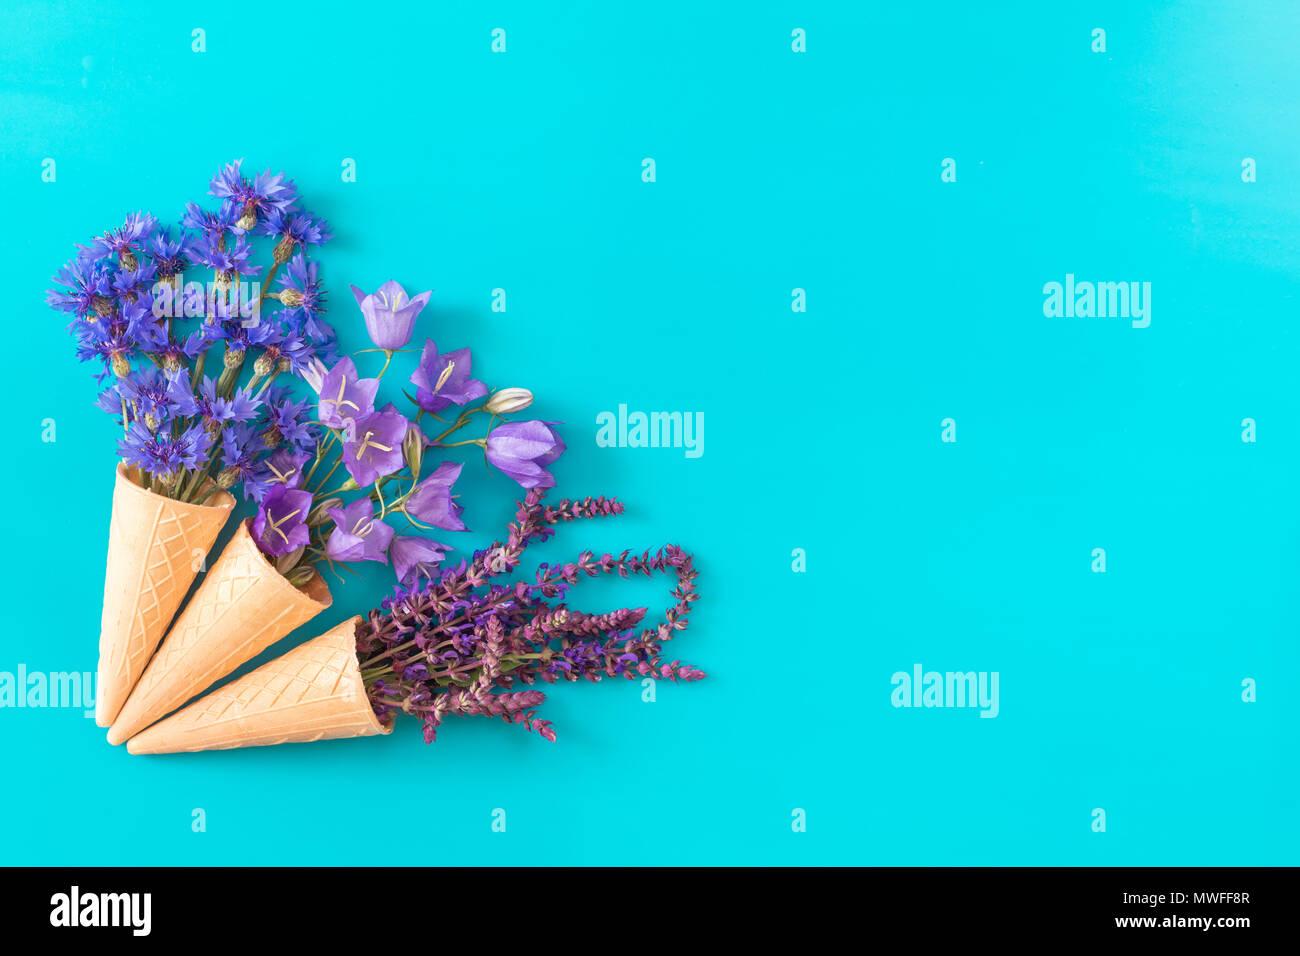 Trois cônes alvéolés avec thym, bleuet, cloches bleu et blanc fleurs bouquets fleurs sur la surface bleue. Mise à plat, vue du dessus floral background. Photo Stock